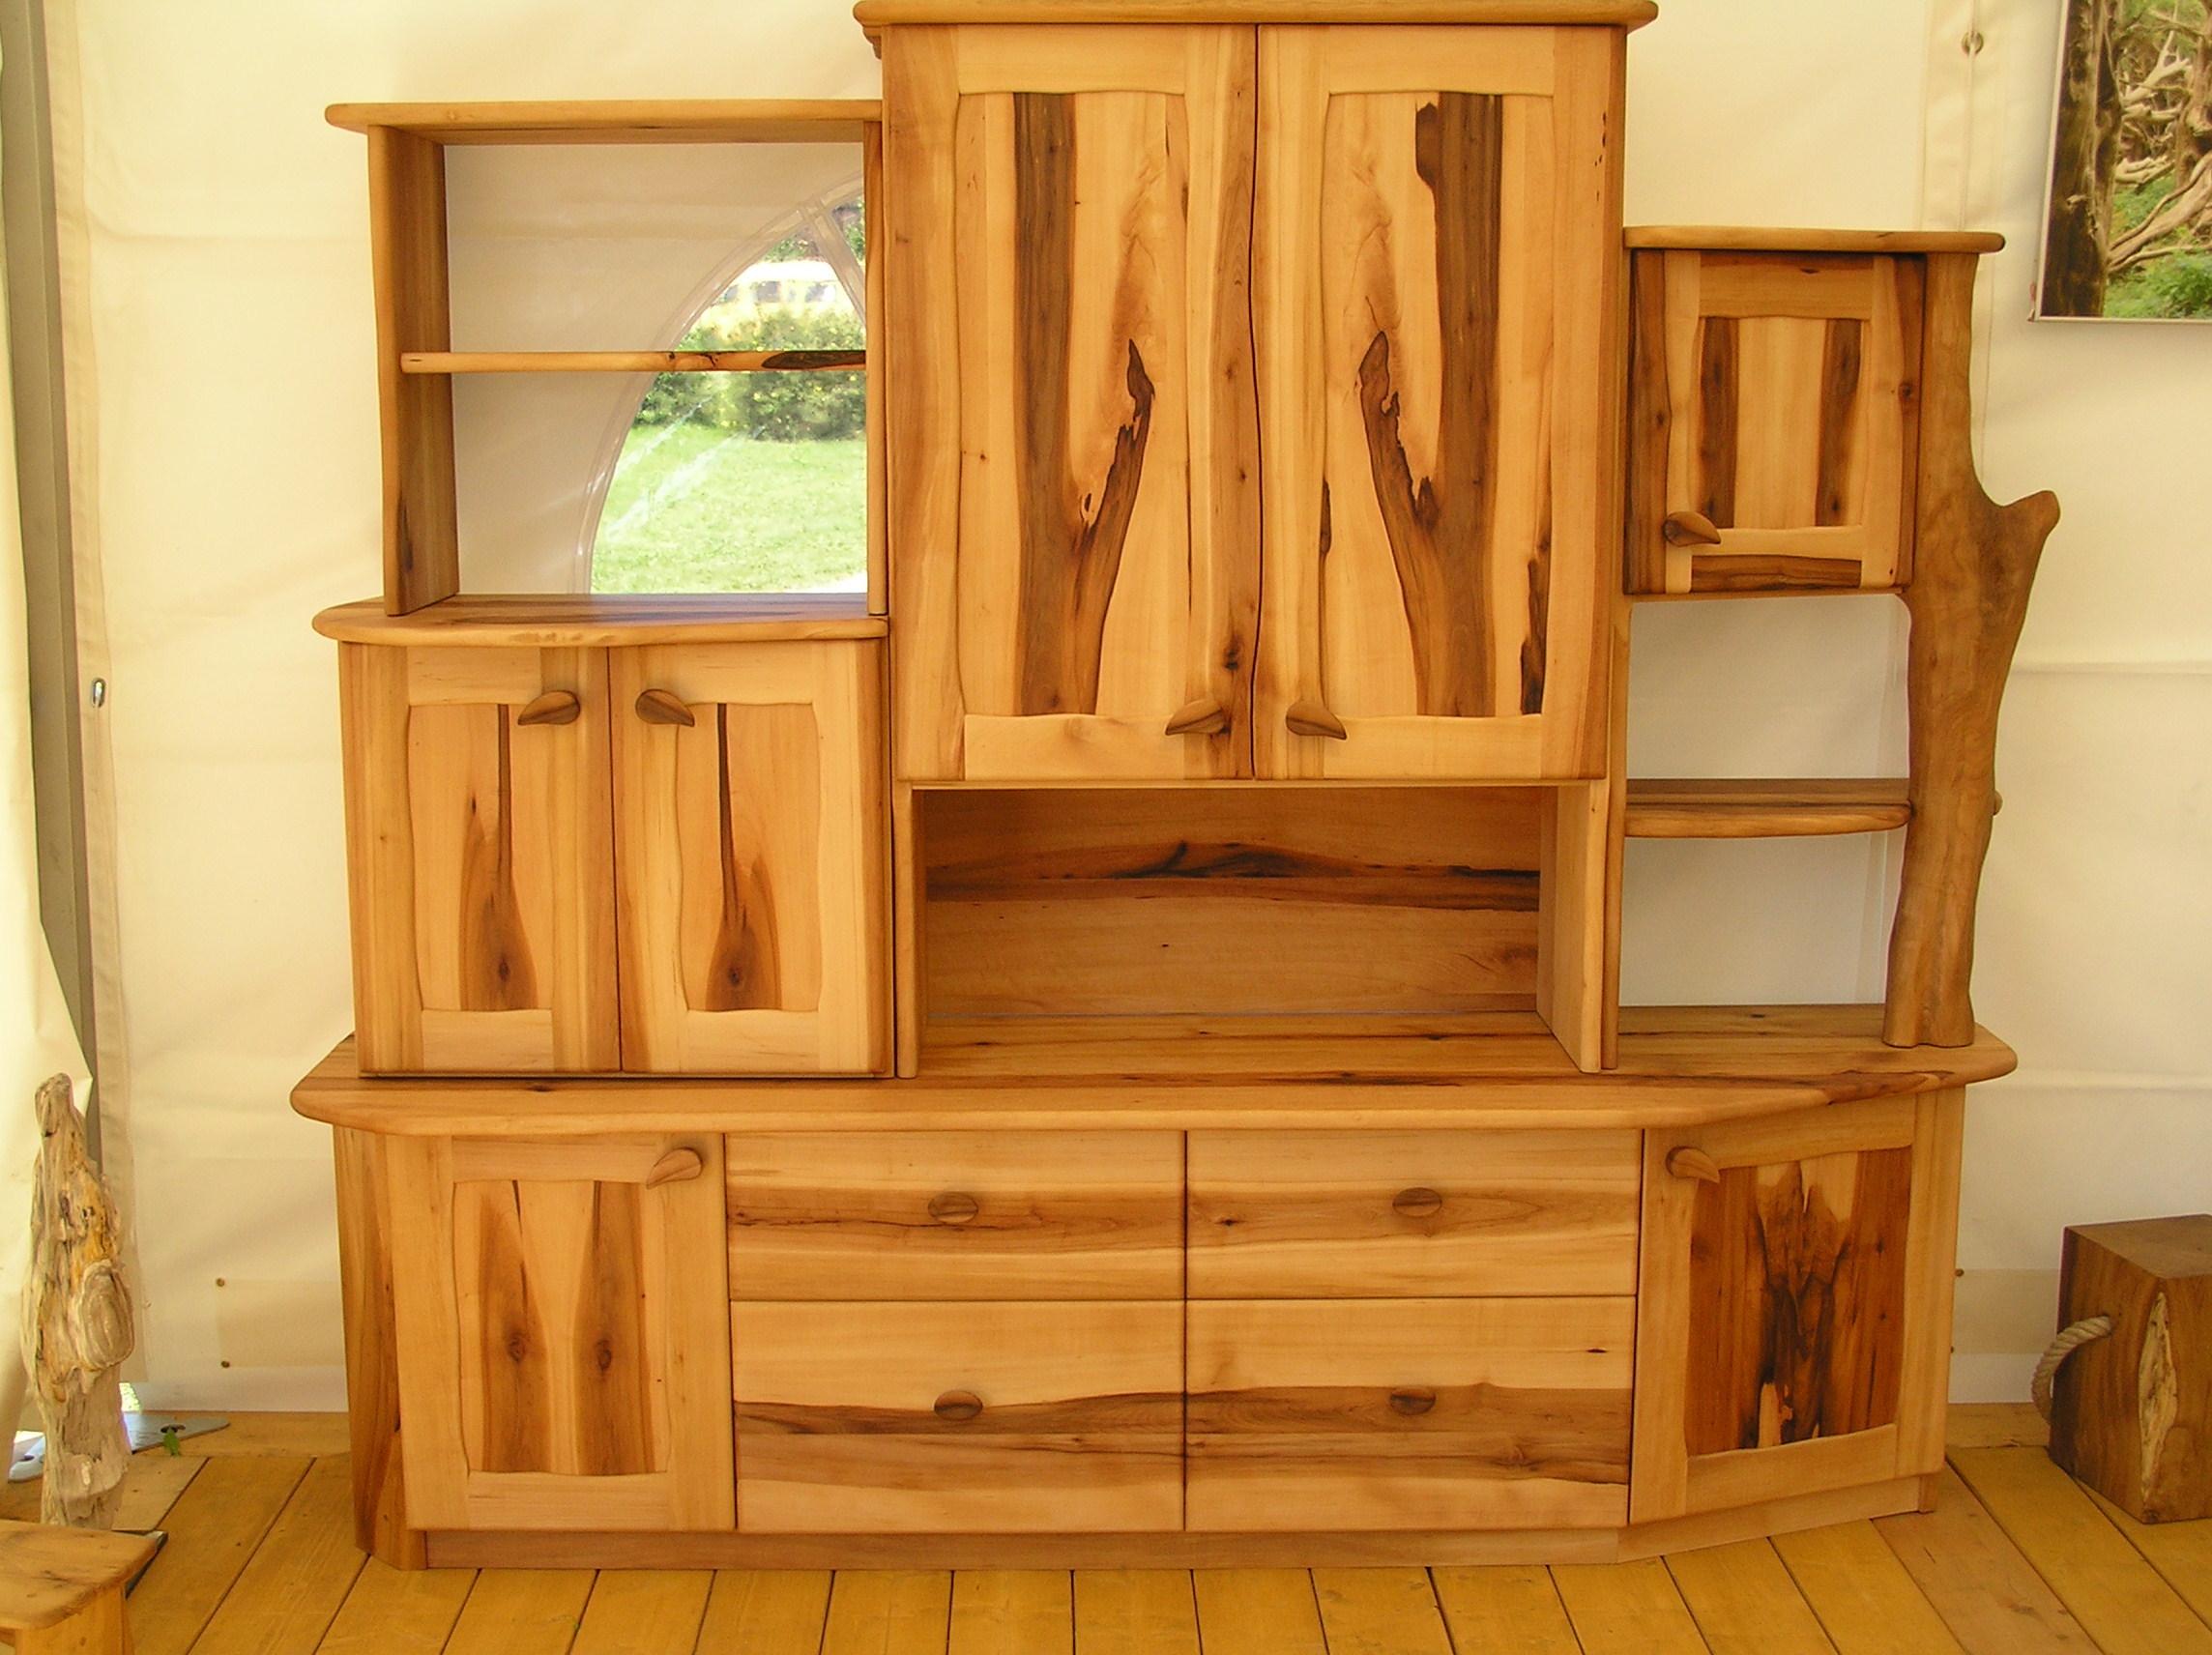 Wohnzimmer-Schrank aus Elsbeere - Urholz - Möbel aus ...